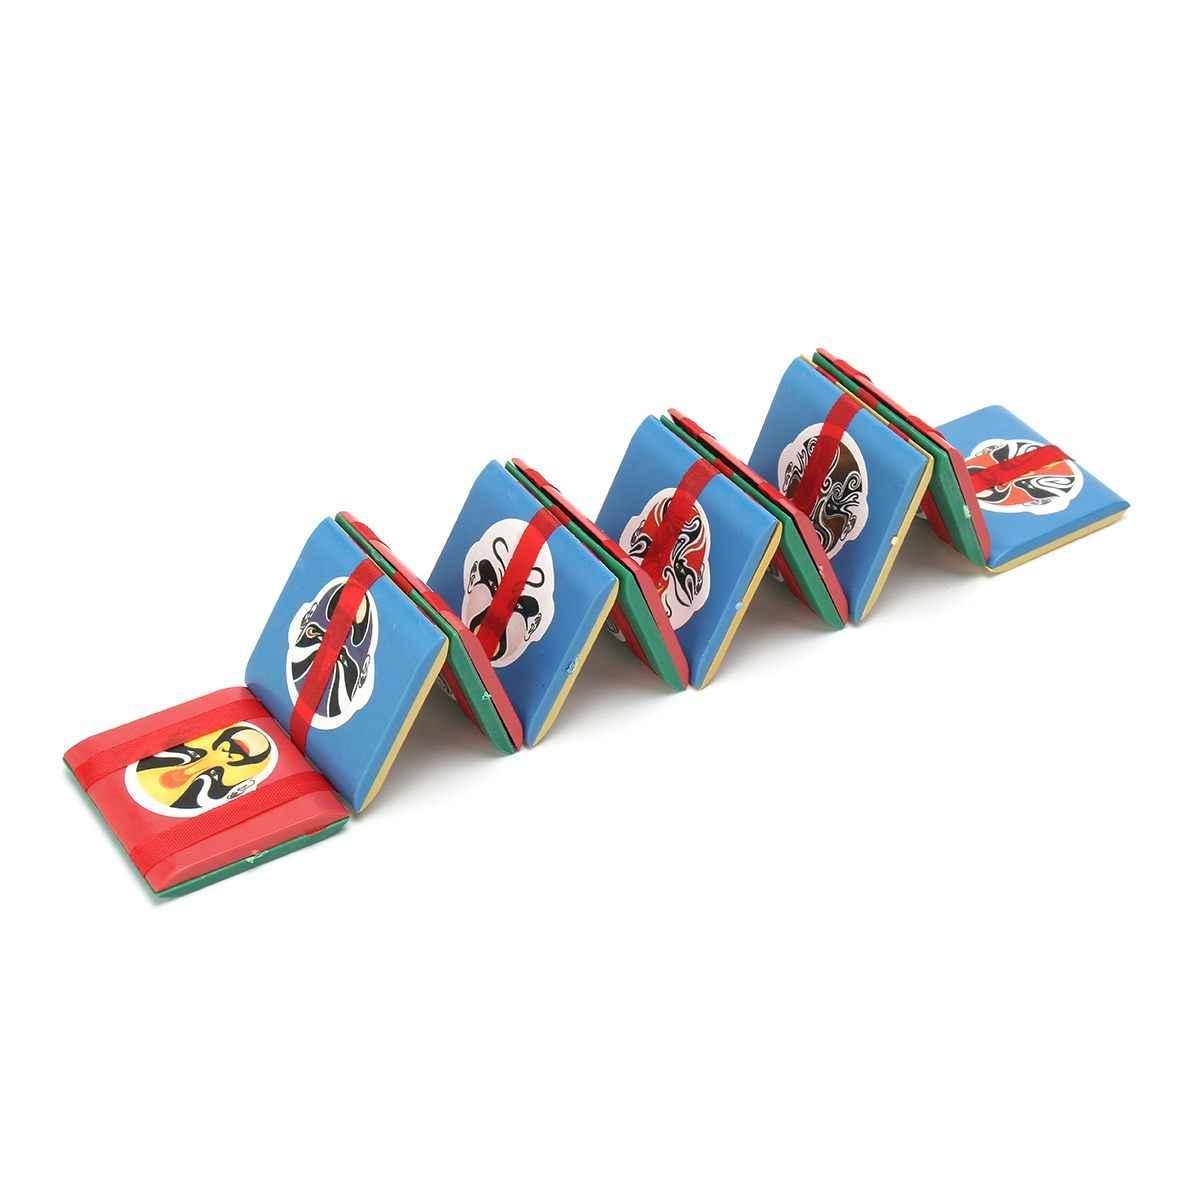 JACOBS escalera plástico Fidget Visual estimulación viaje juguete Necesidades Especiales autismo niños Fidget Stress sensorial Juguetes